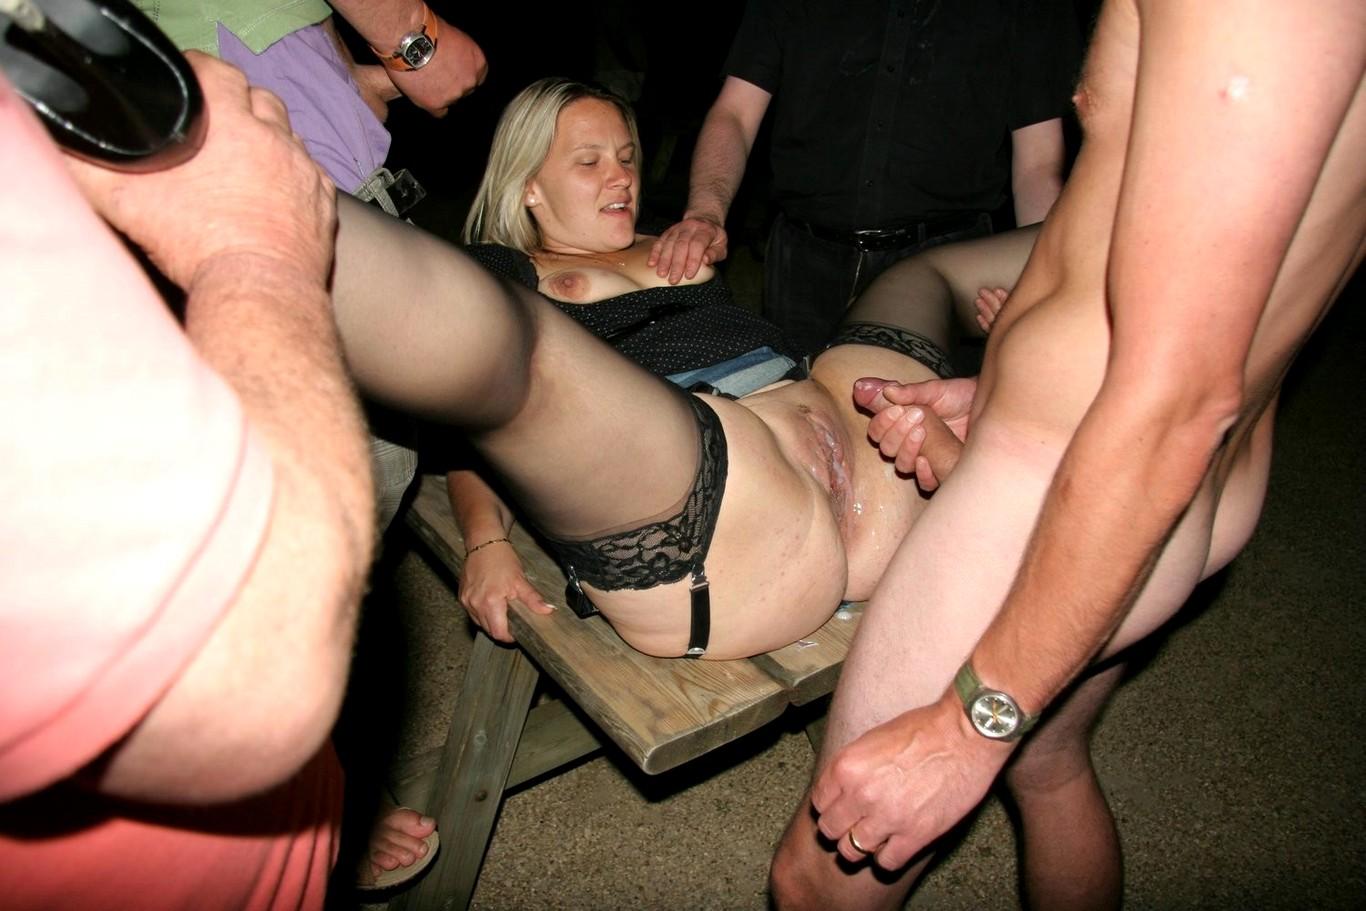 Хочу снять проститутку, фильм секс с большим и толстым членом